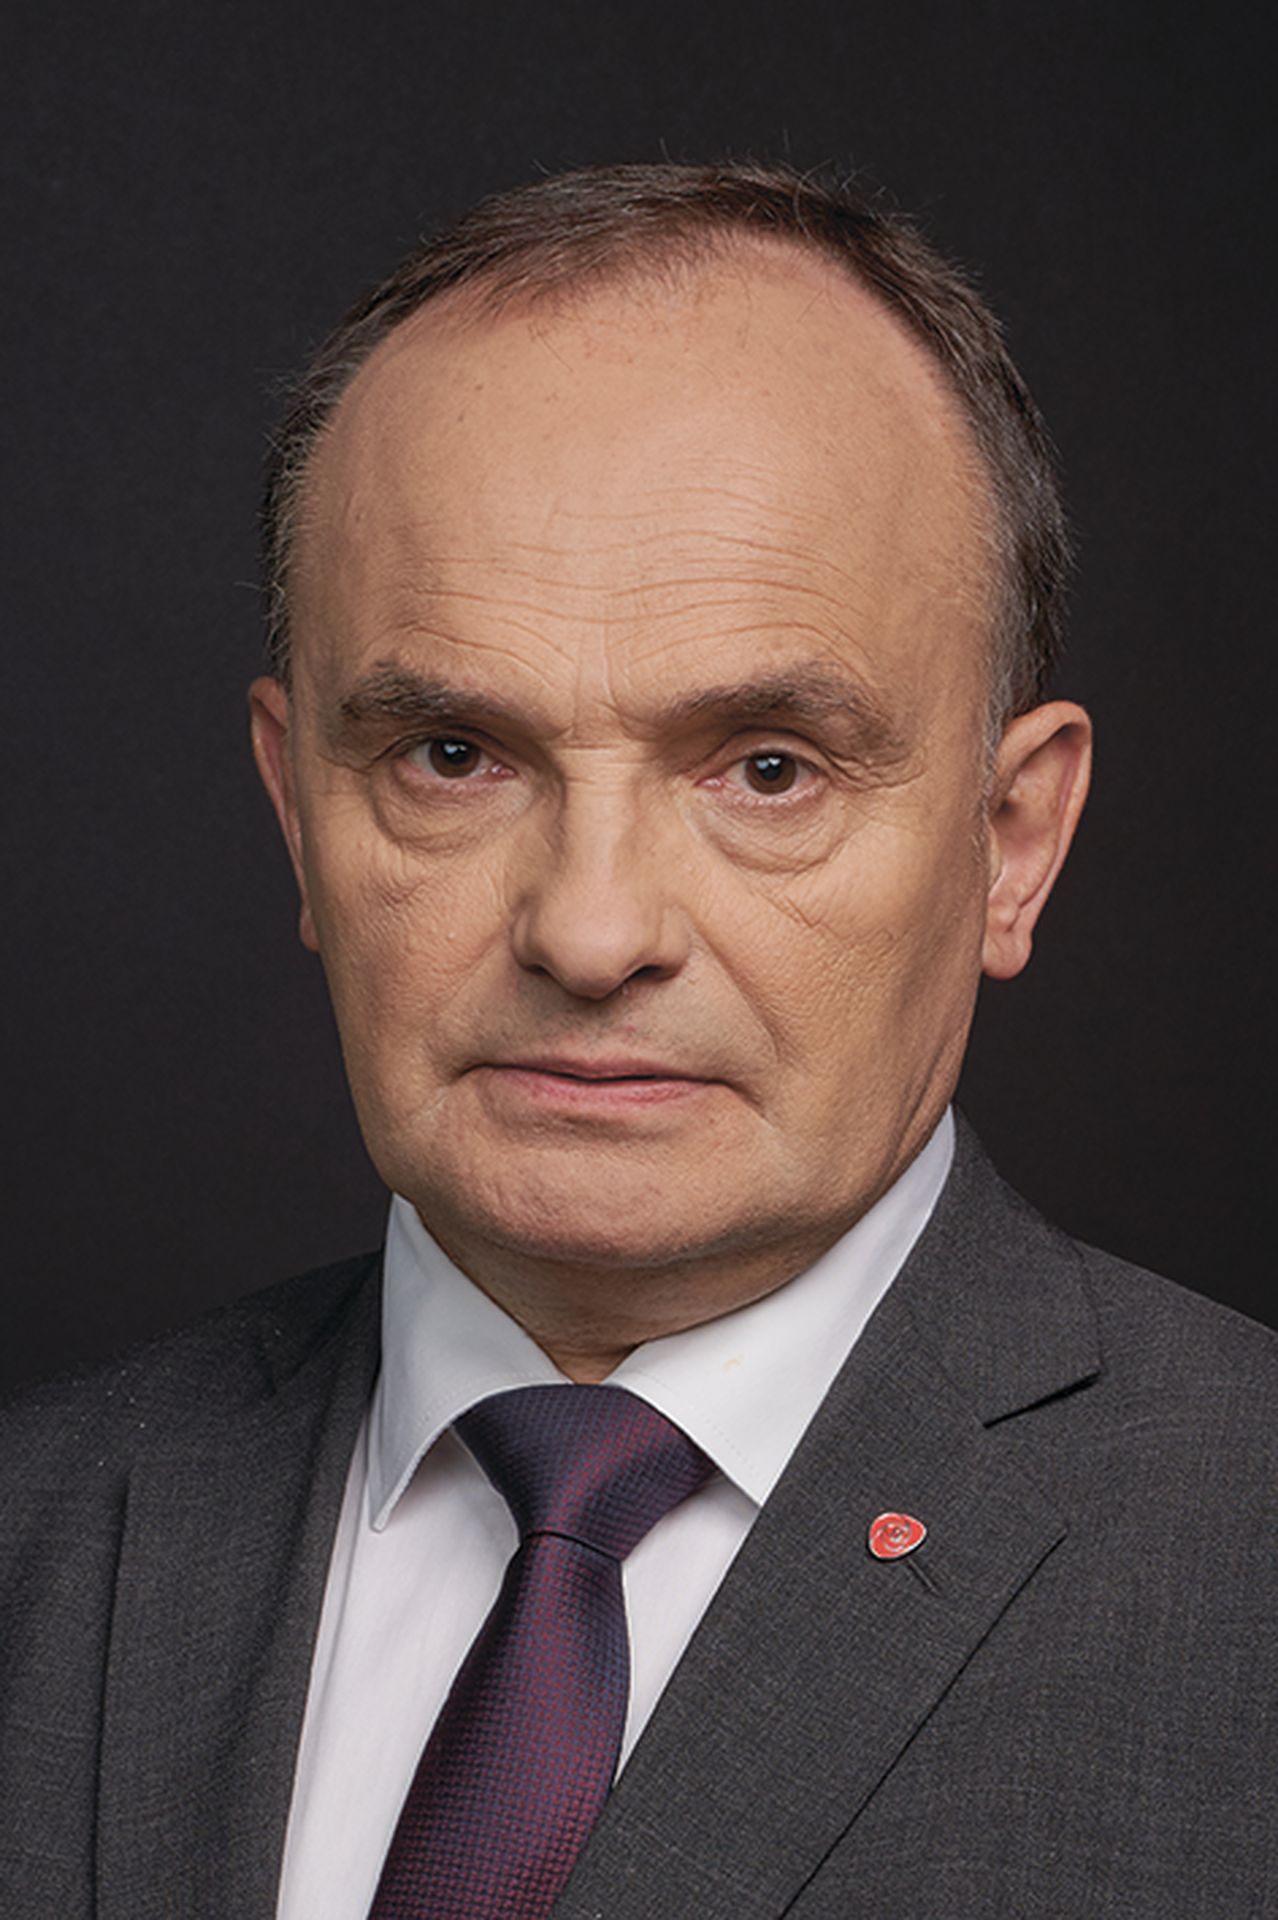 Игорь Пименов: «ТВ-программы удаленного обучения должны быть и на русском языке»